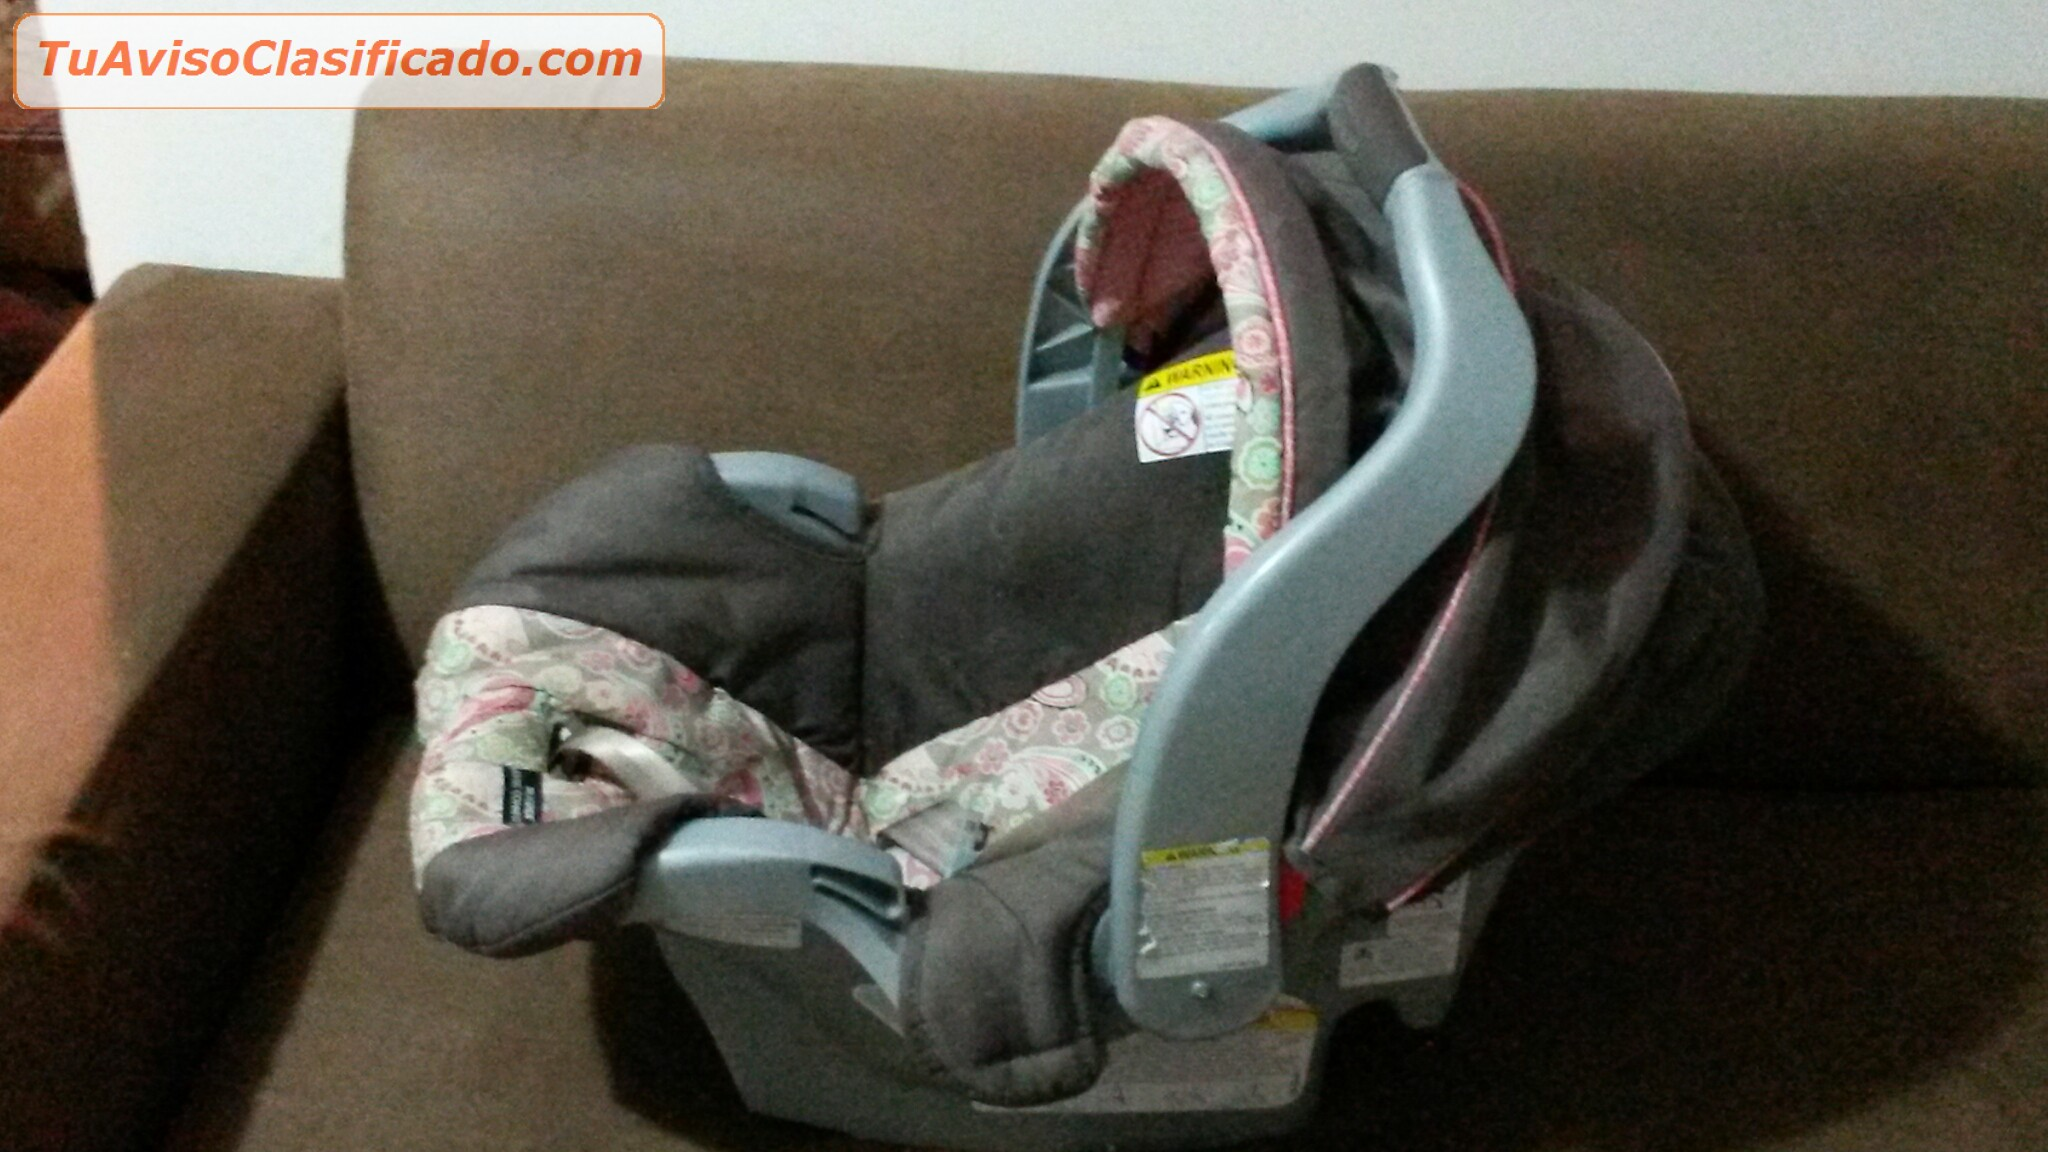 Silla para carro y porta bebe en excelente estado marca for Silla para ninos carro